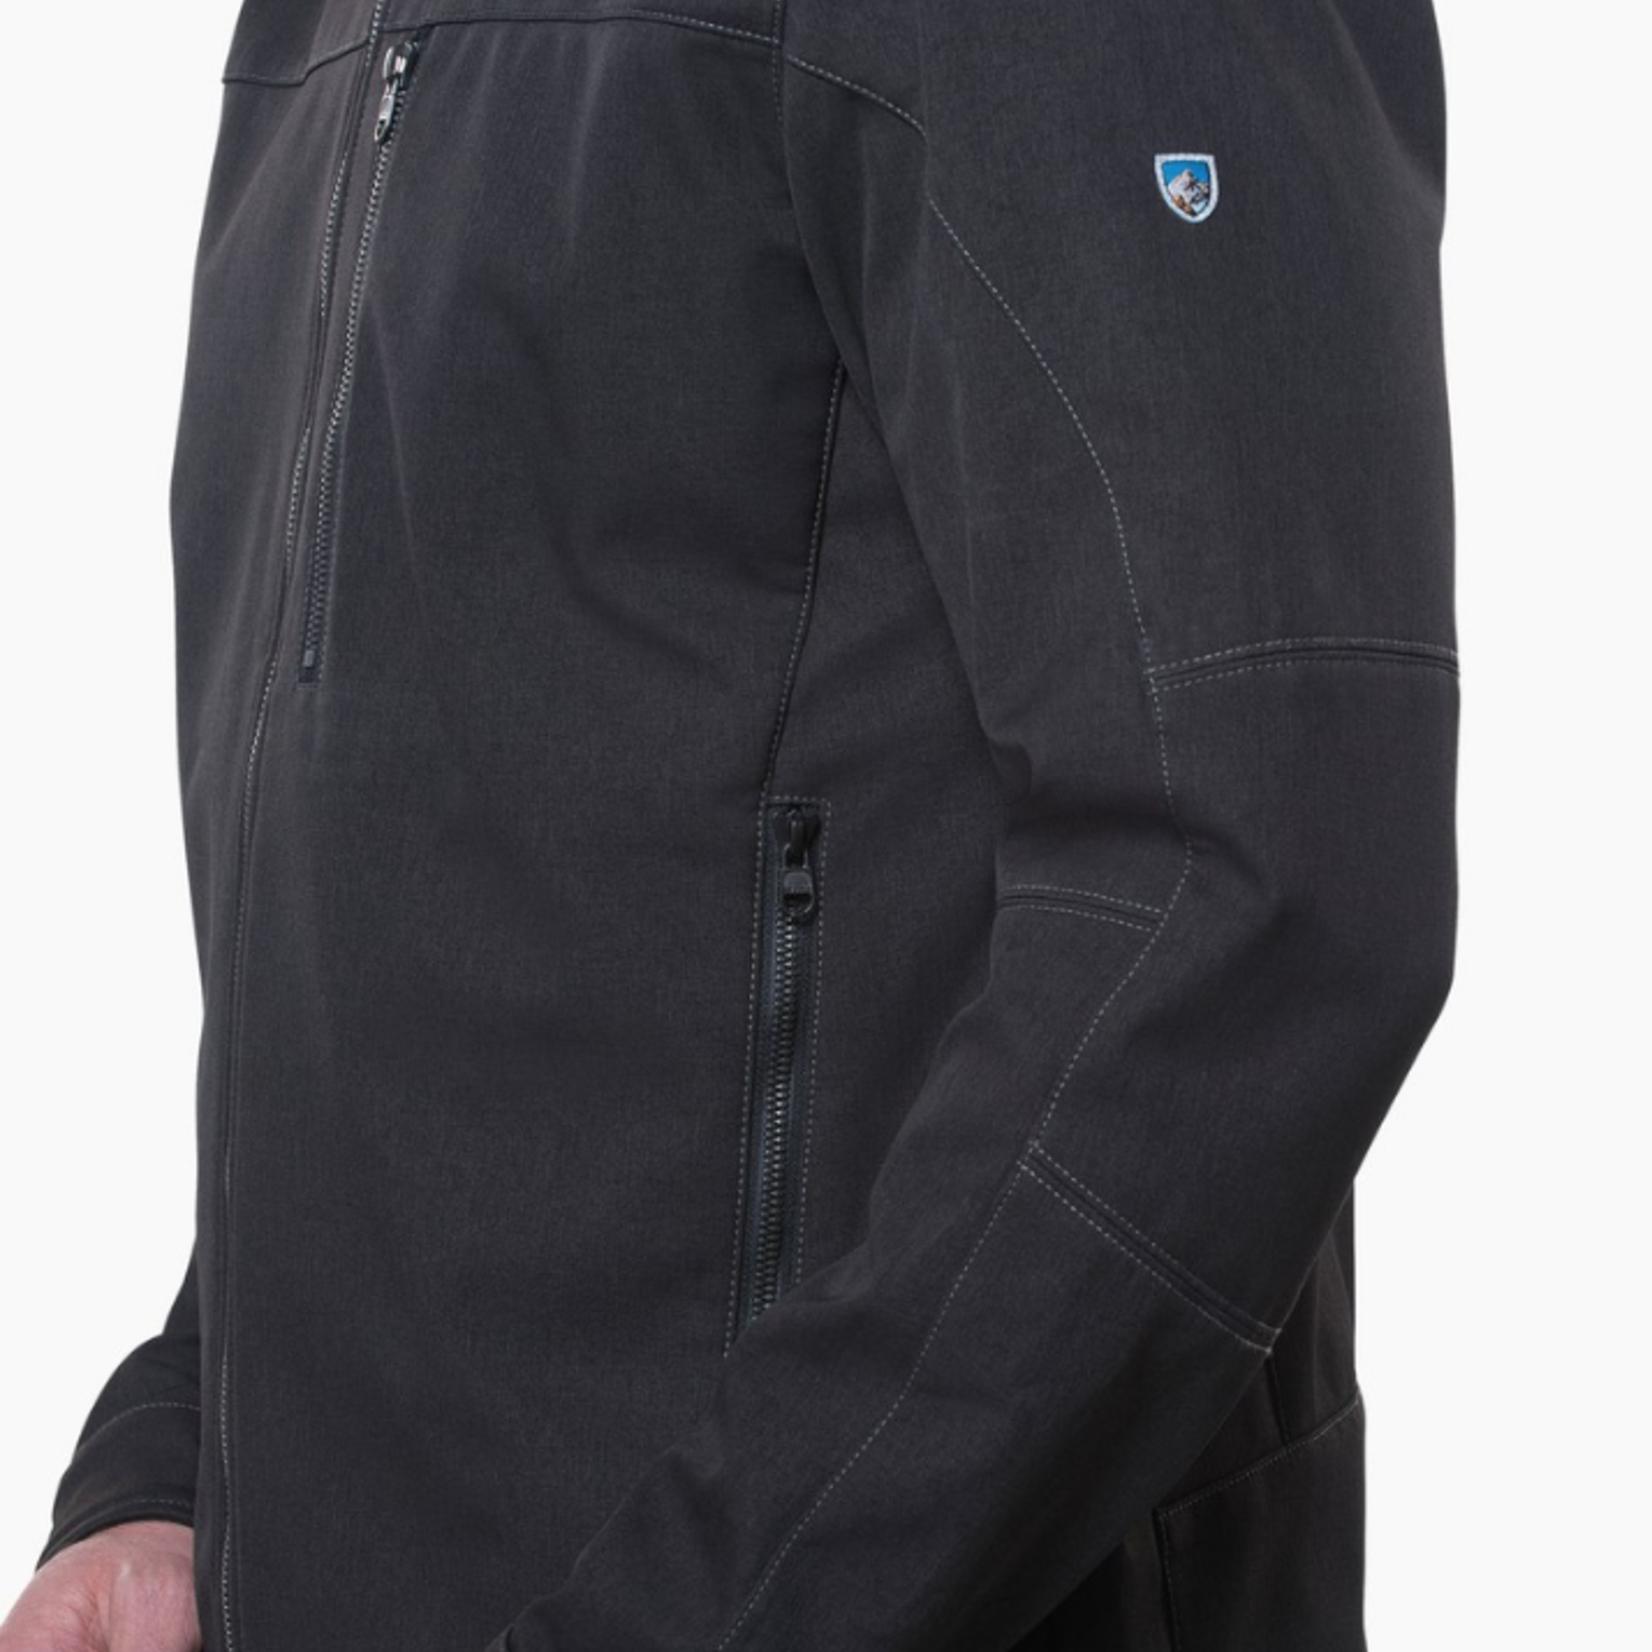 Kuhl Kuhl Impakt Jacket - P-139465